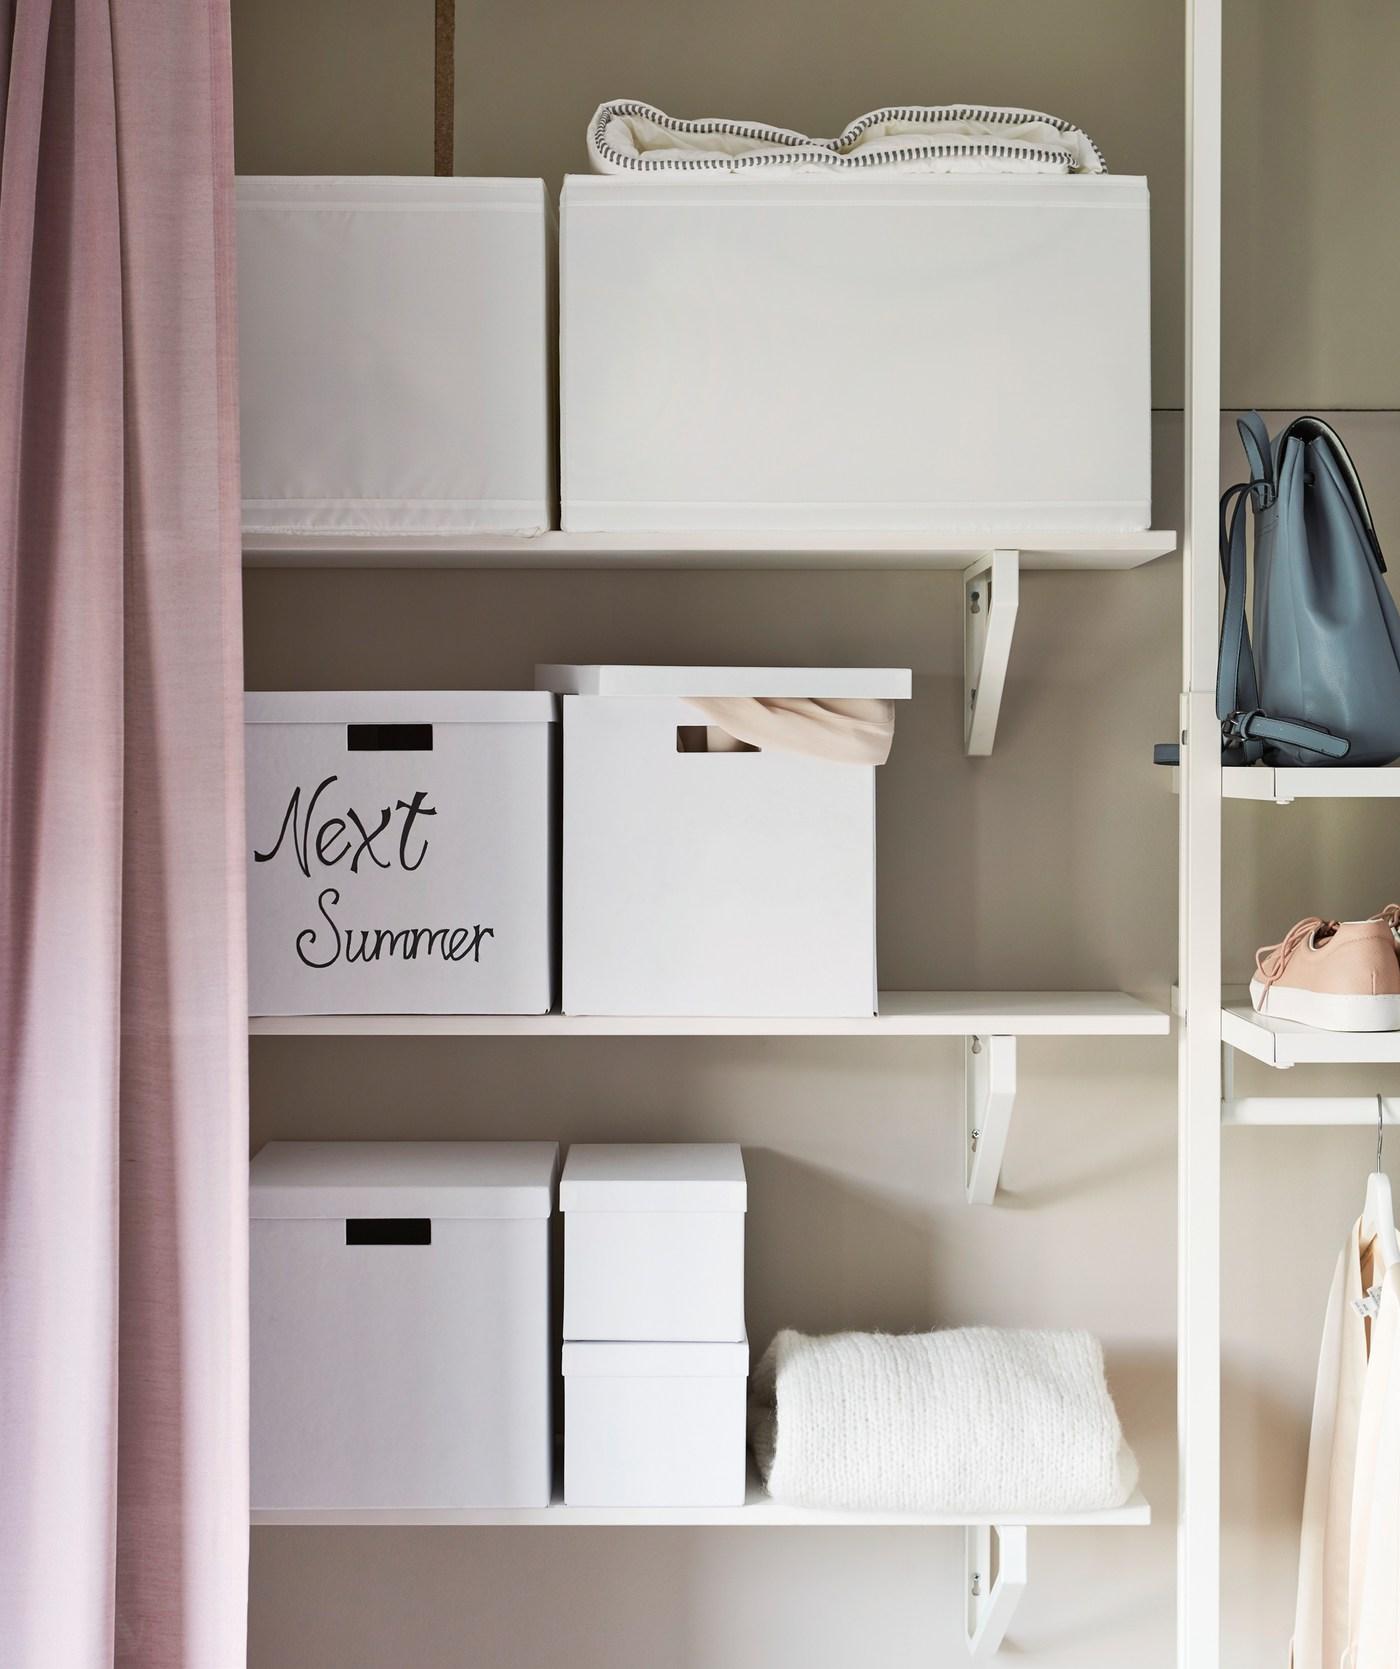 cajas de almacenaje para armarios ikea